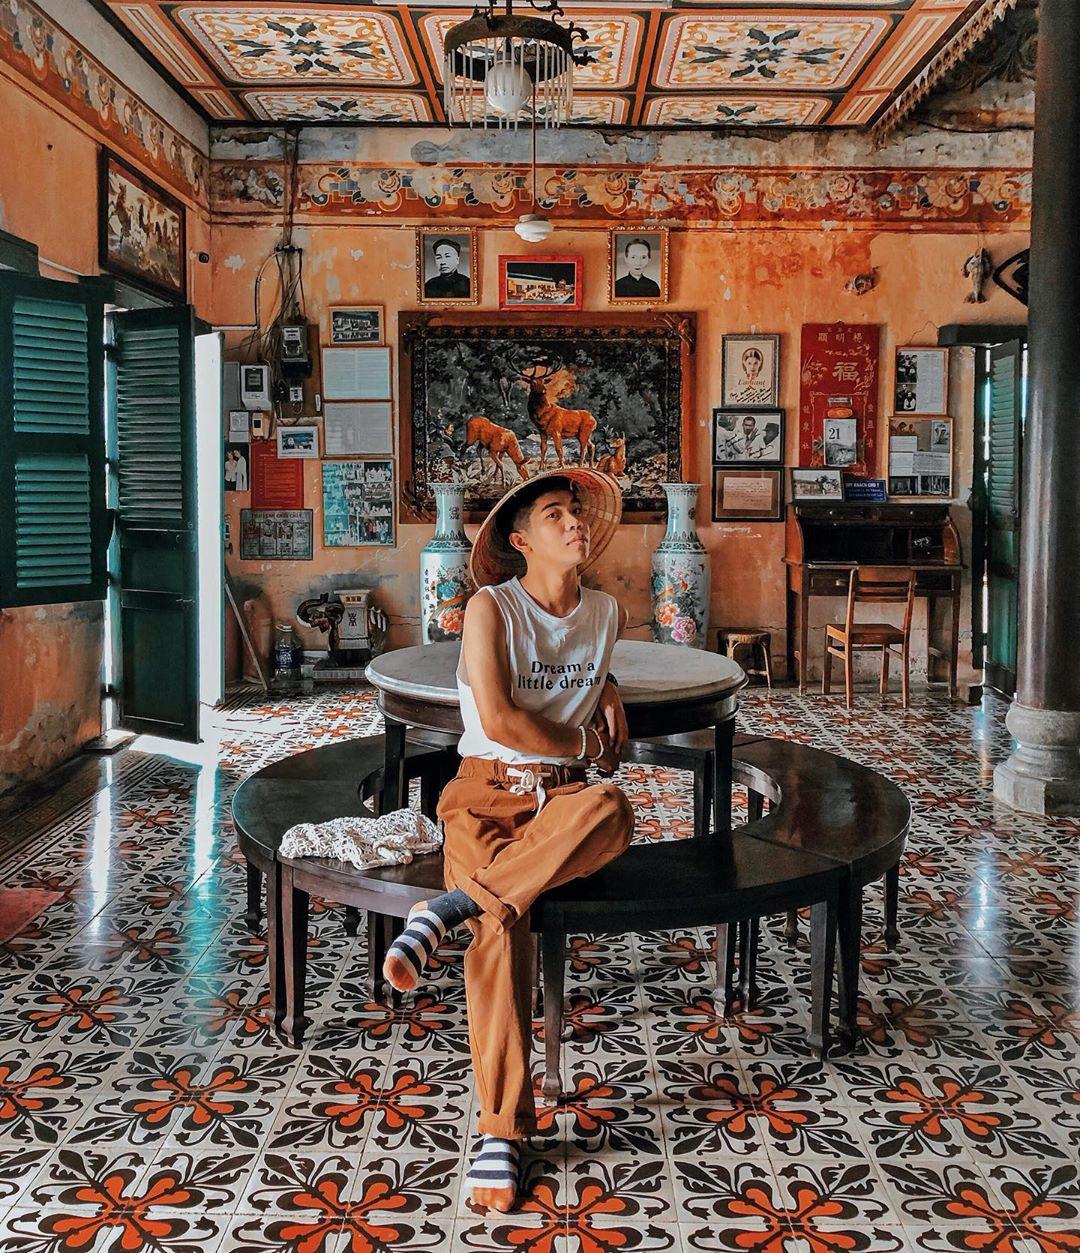 Vẻ đẹp nhà cổ Bình Thủy, địa điểm tham quan trăm tuổi tại Cần Thơ  - Ảnh 10.